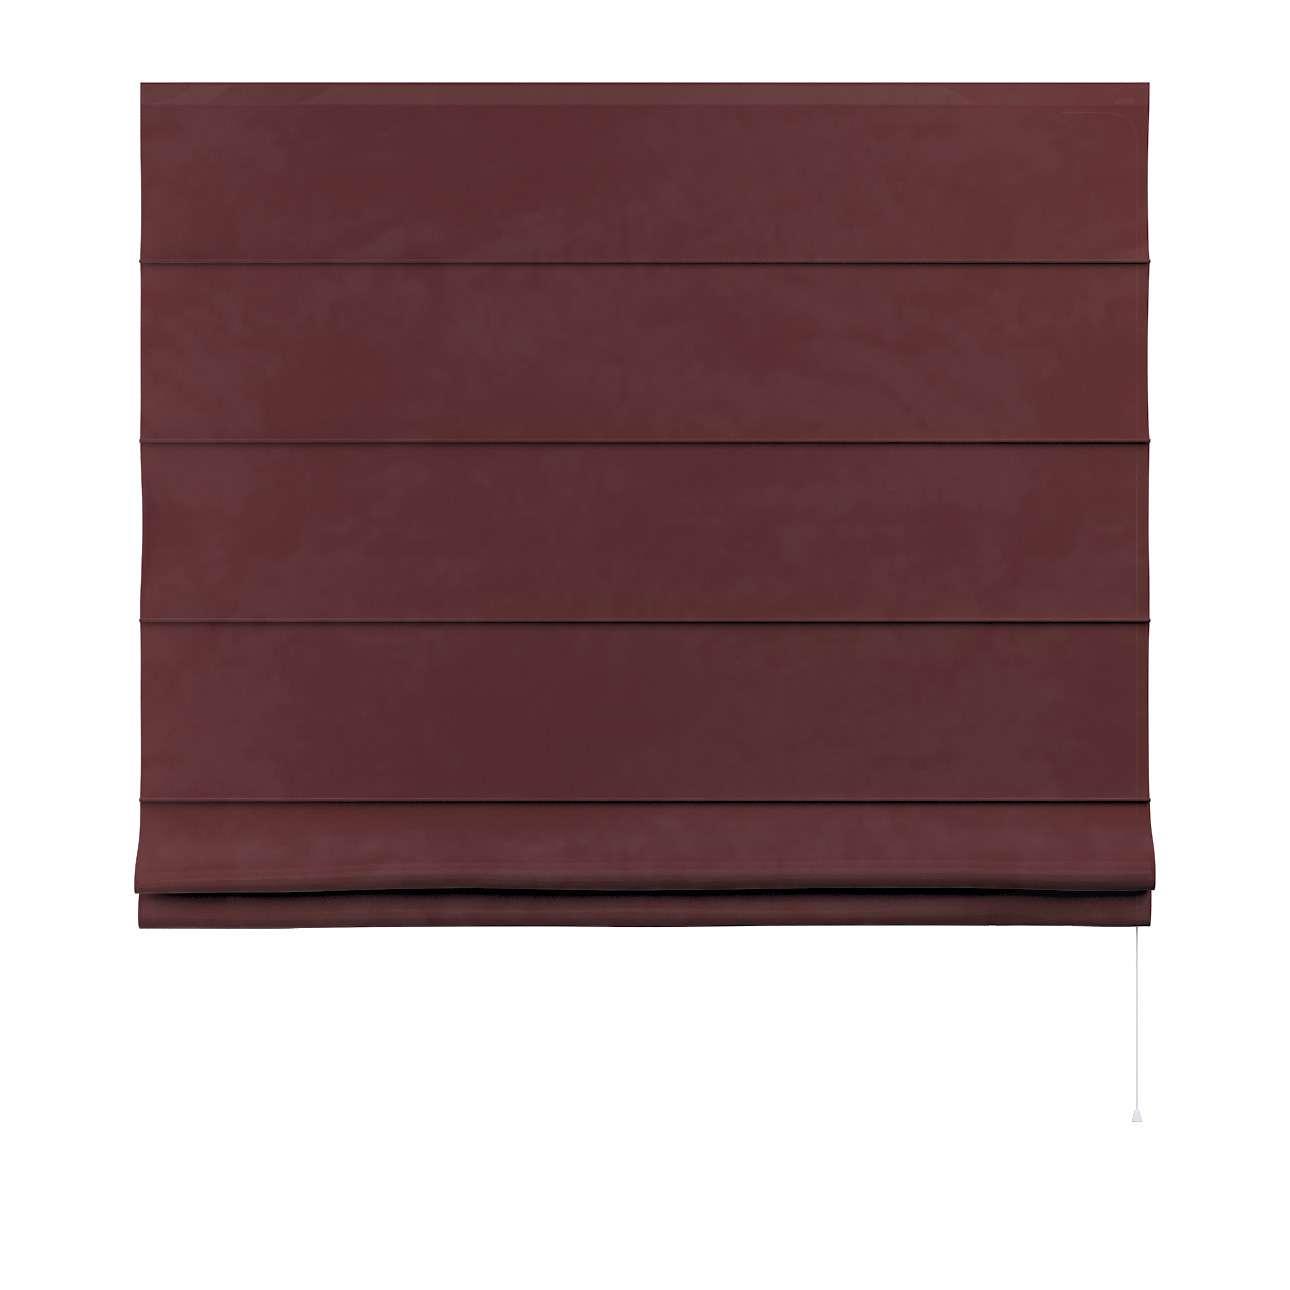 Vouwgordijn Capri van de collectie Velvet, Stof: 704-26